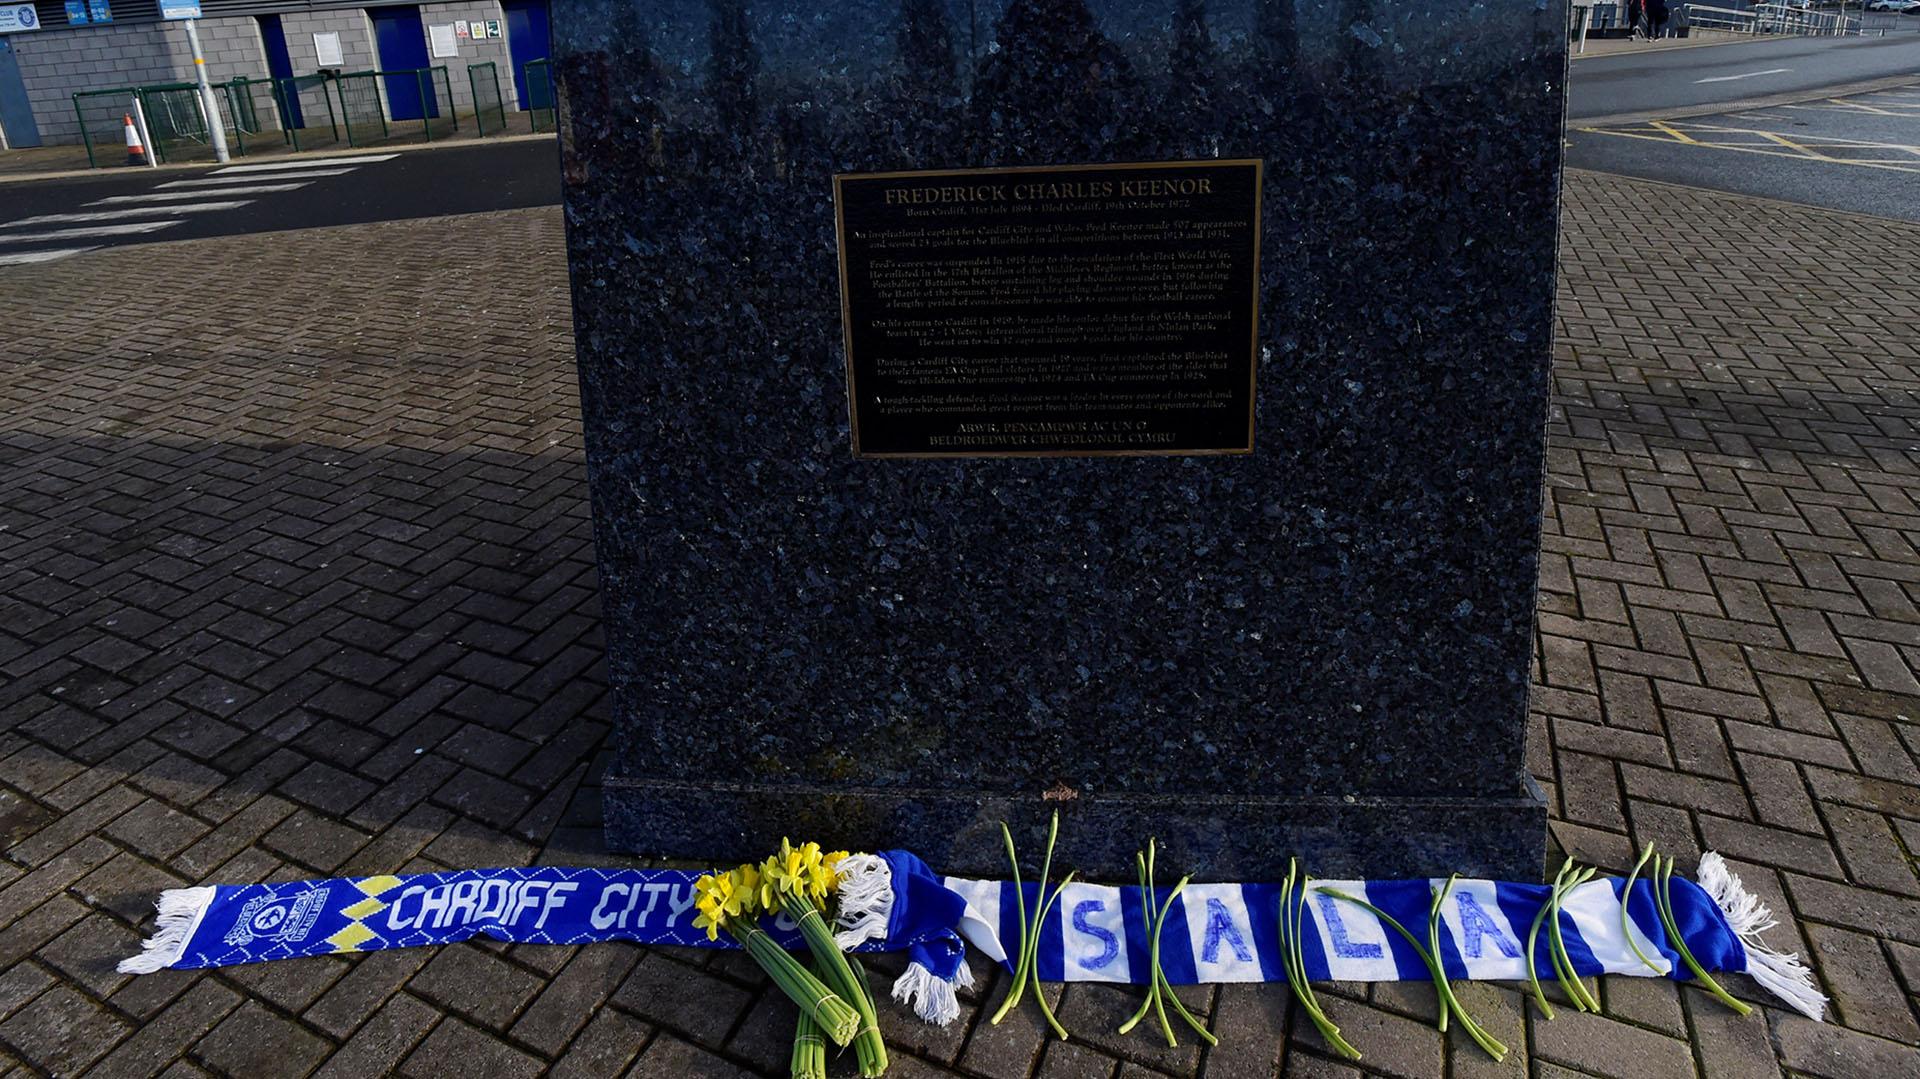 El mundo del fútbol espera que esta tragedia se resuelva lo antes posible y con el mejor final